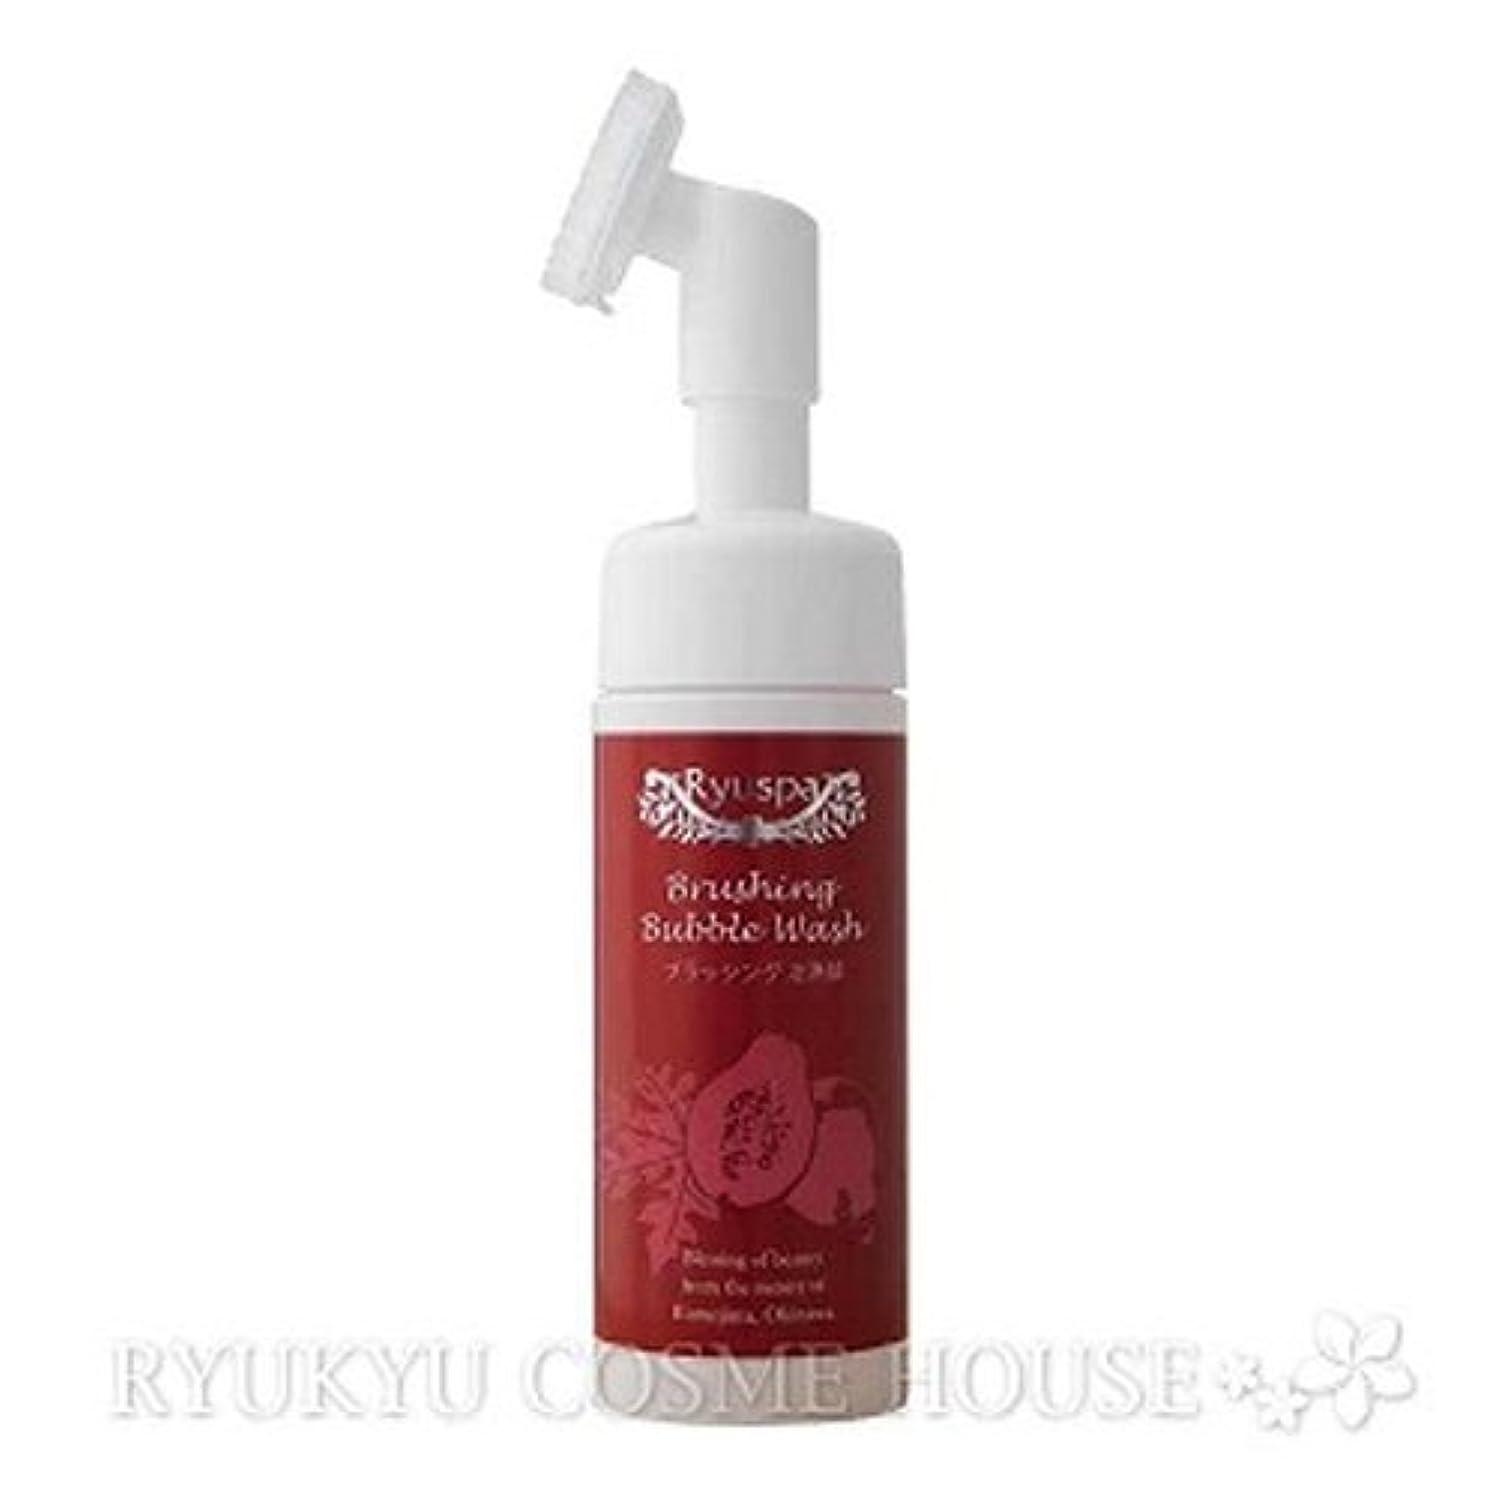 ヒロインボンド政府Ryuspa リュウスパ 洗顔料 パパイン酵素 ブラッシング泡洗顔 150ml